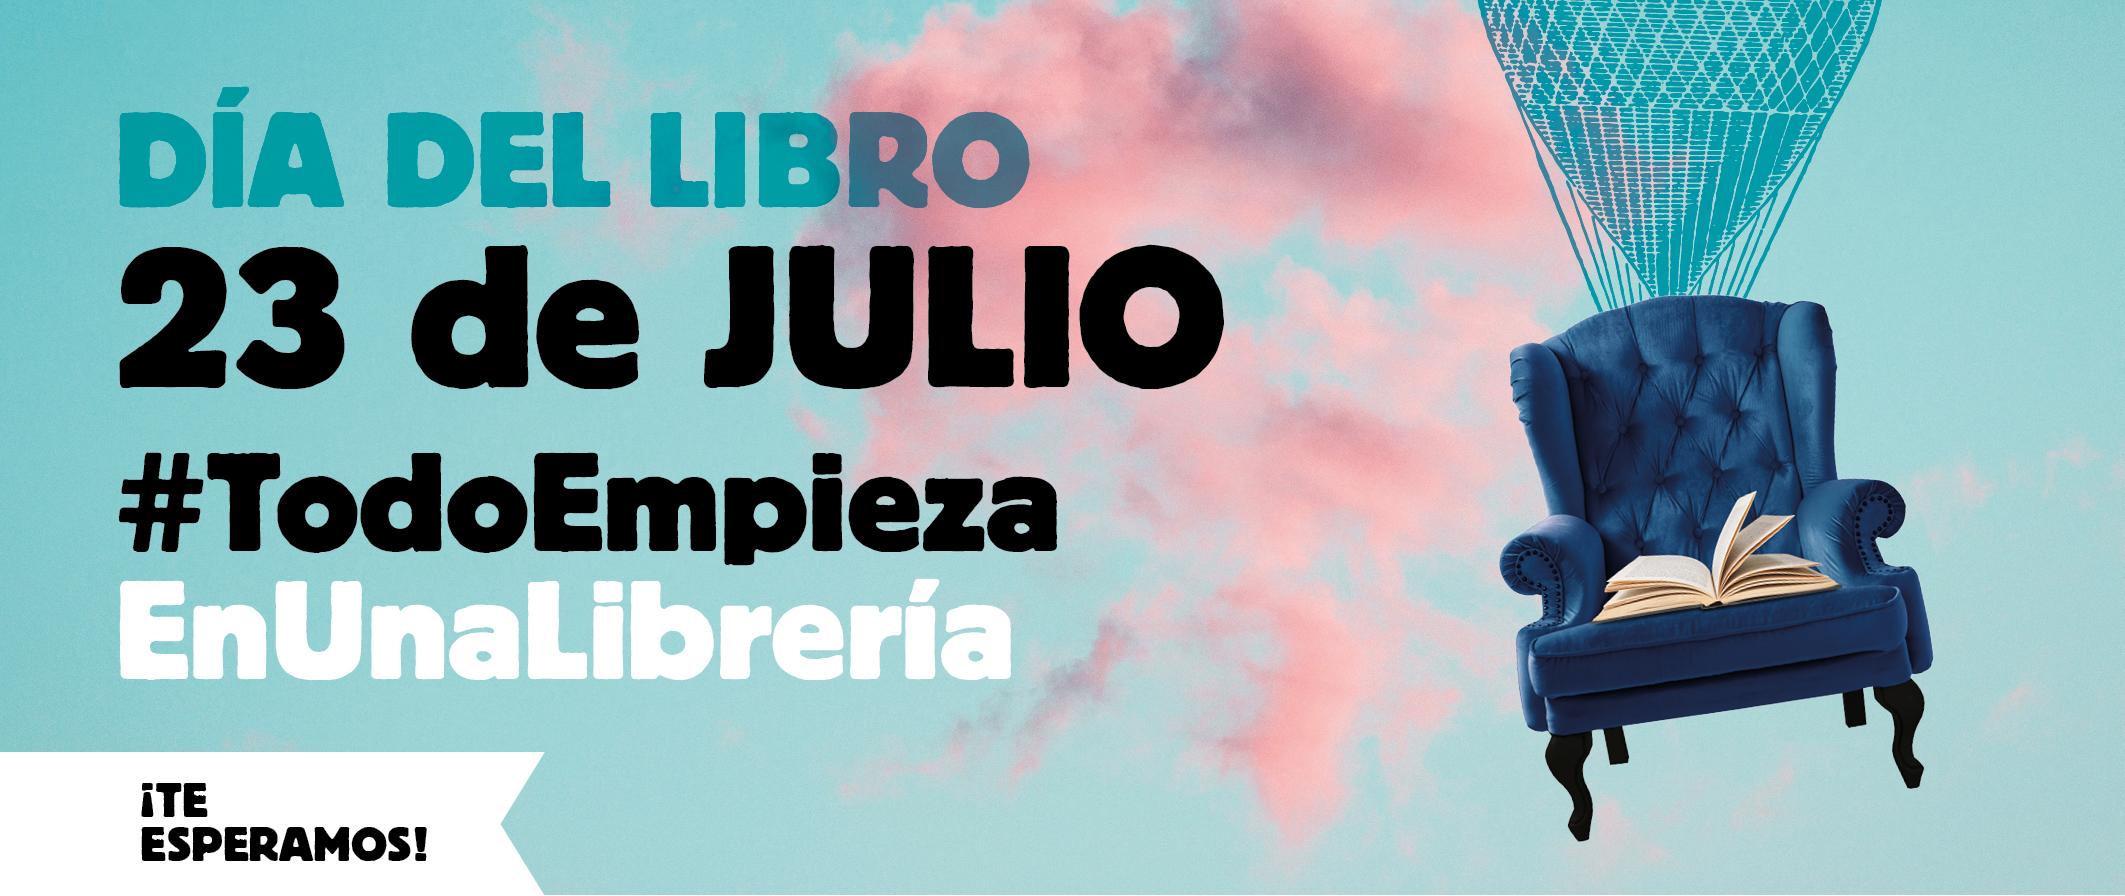 23 de julio, Día del Libro, #TodoEmpiezaEnUnaLibrería